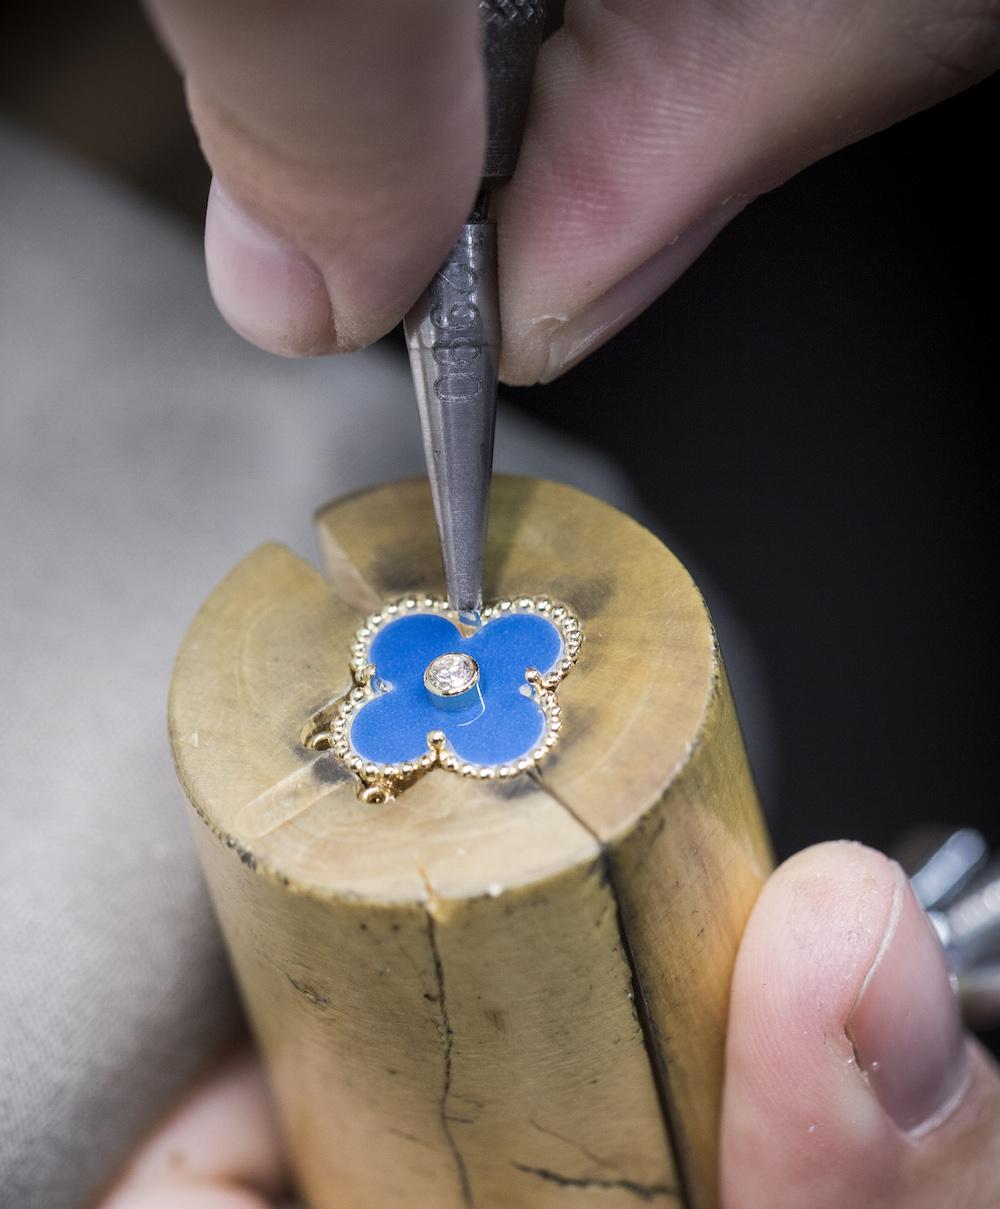 『ヴァン クリーフ&アーペル』のホリデー限定ペンダントはブルー♡ 憧れのヴィンテージ アルハンブラを幸運のお守りに_2